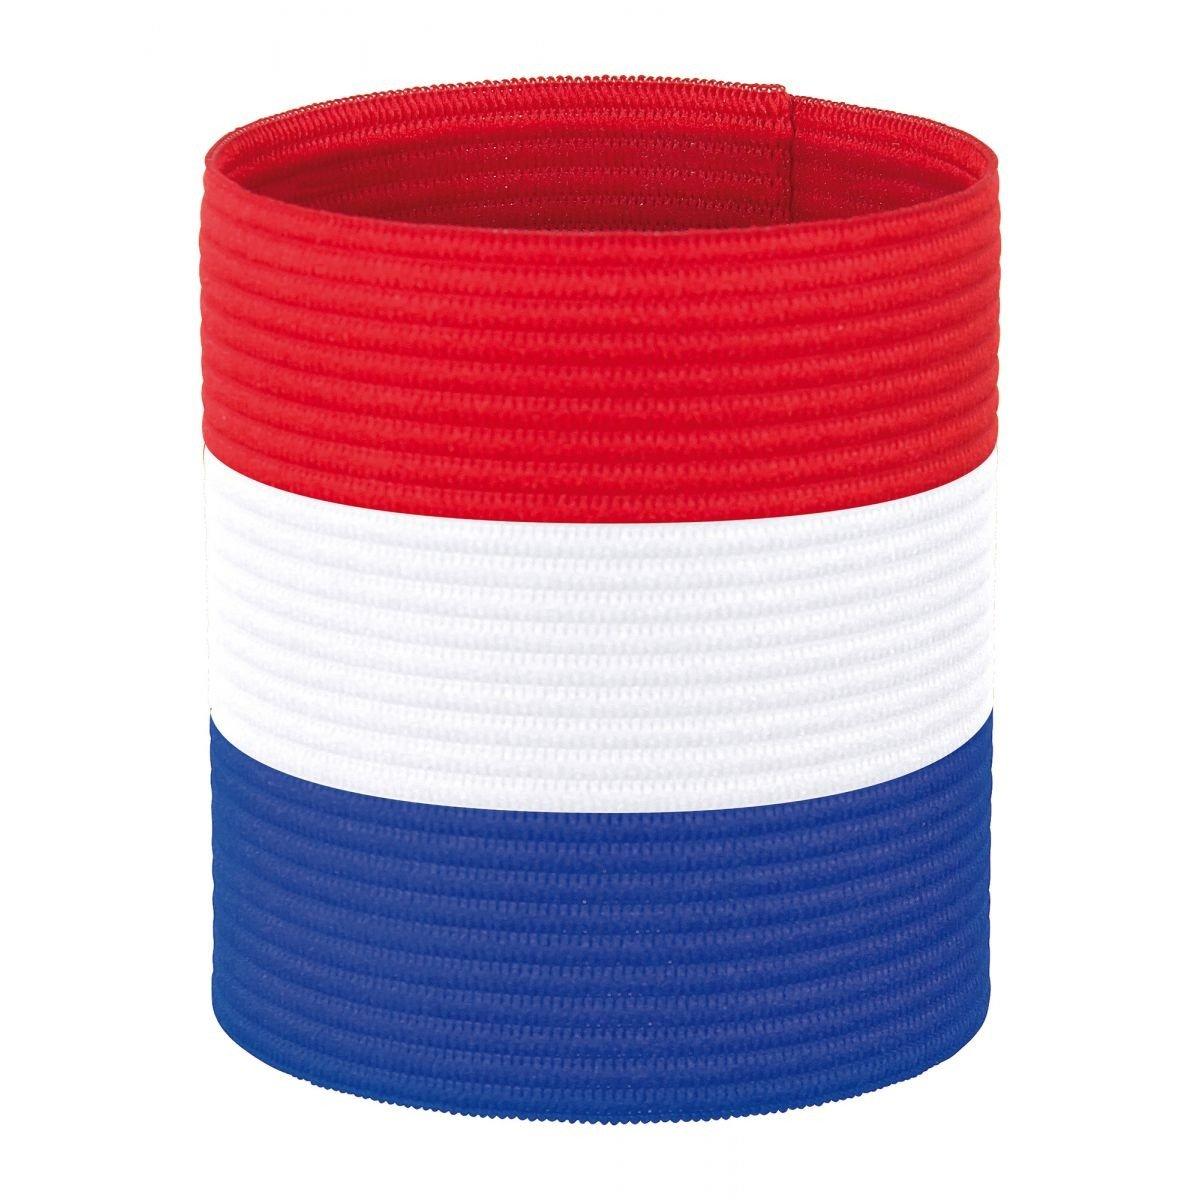 Stanno Kapitänsbinde Niederlande - no colour